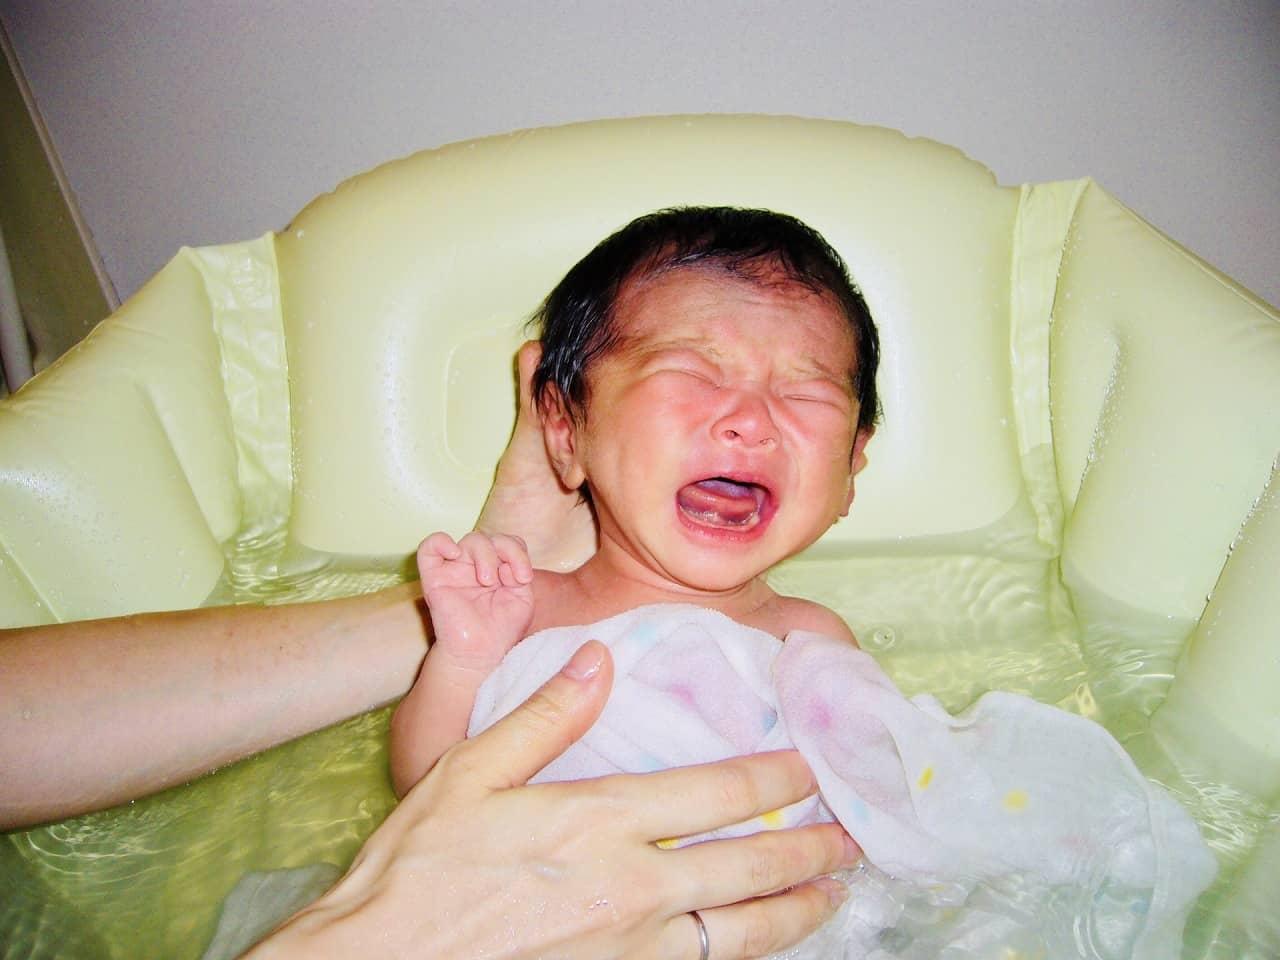 赤ちゃんのお風呂はいつから? ワンオペで赤ちゃんとお風呂に入る時のコツ!